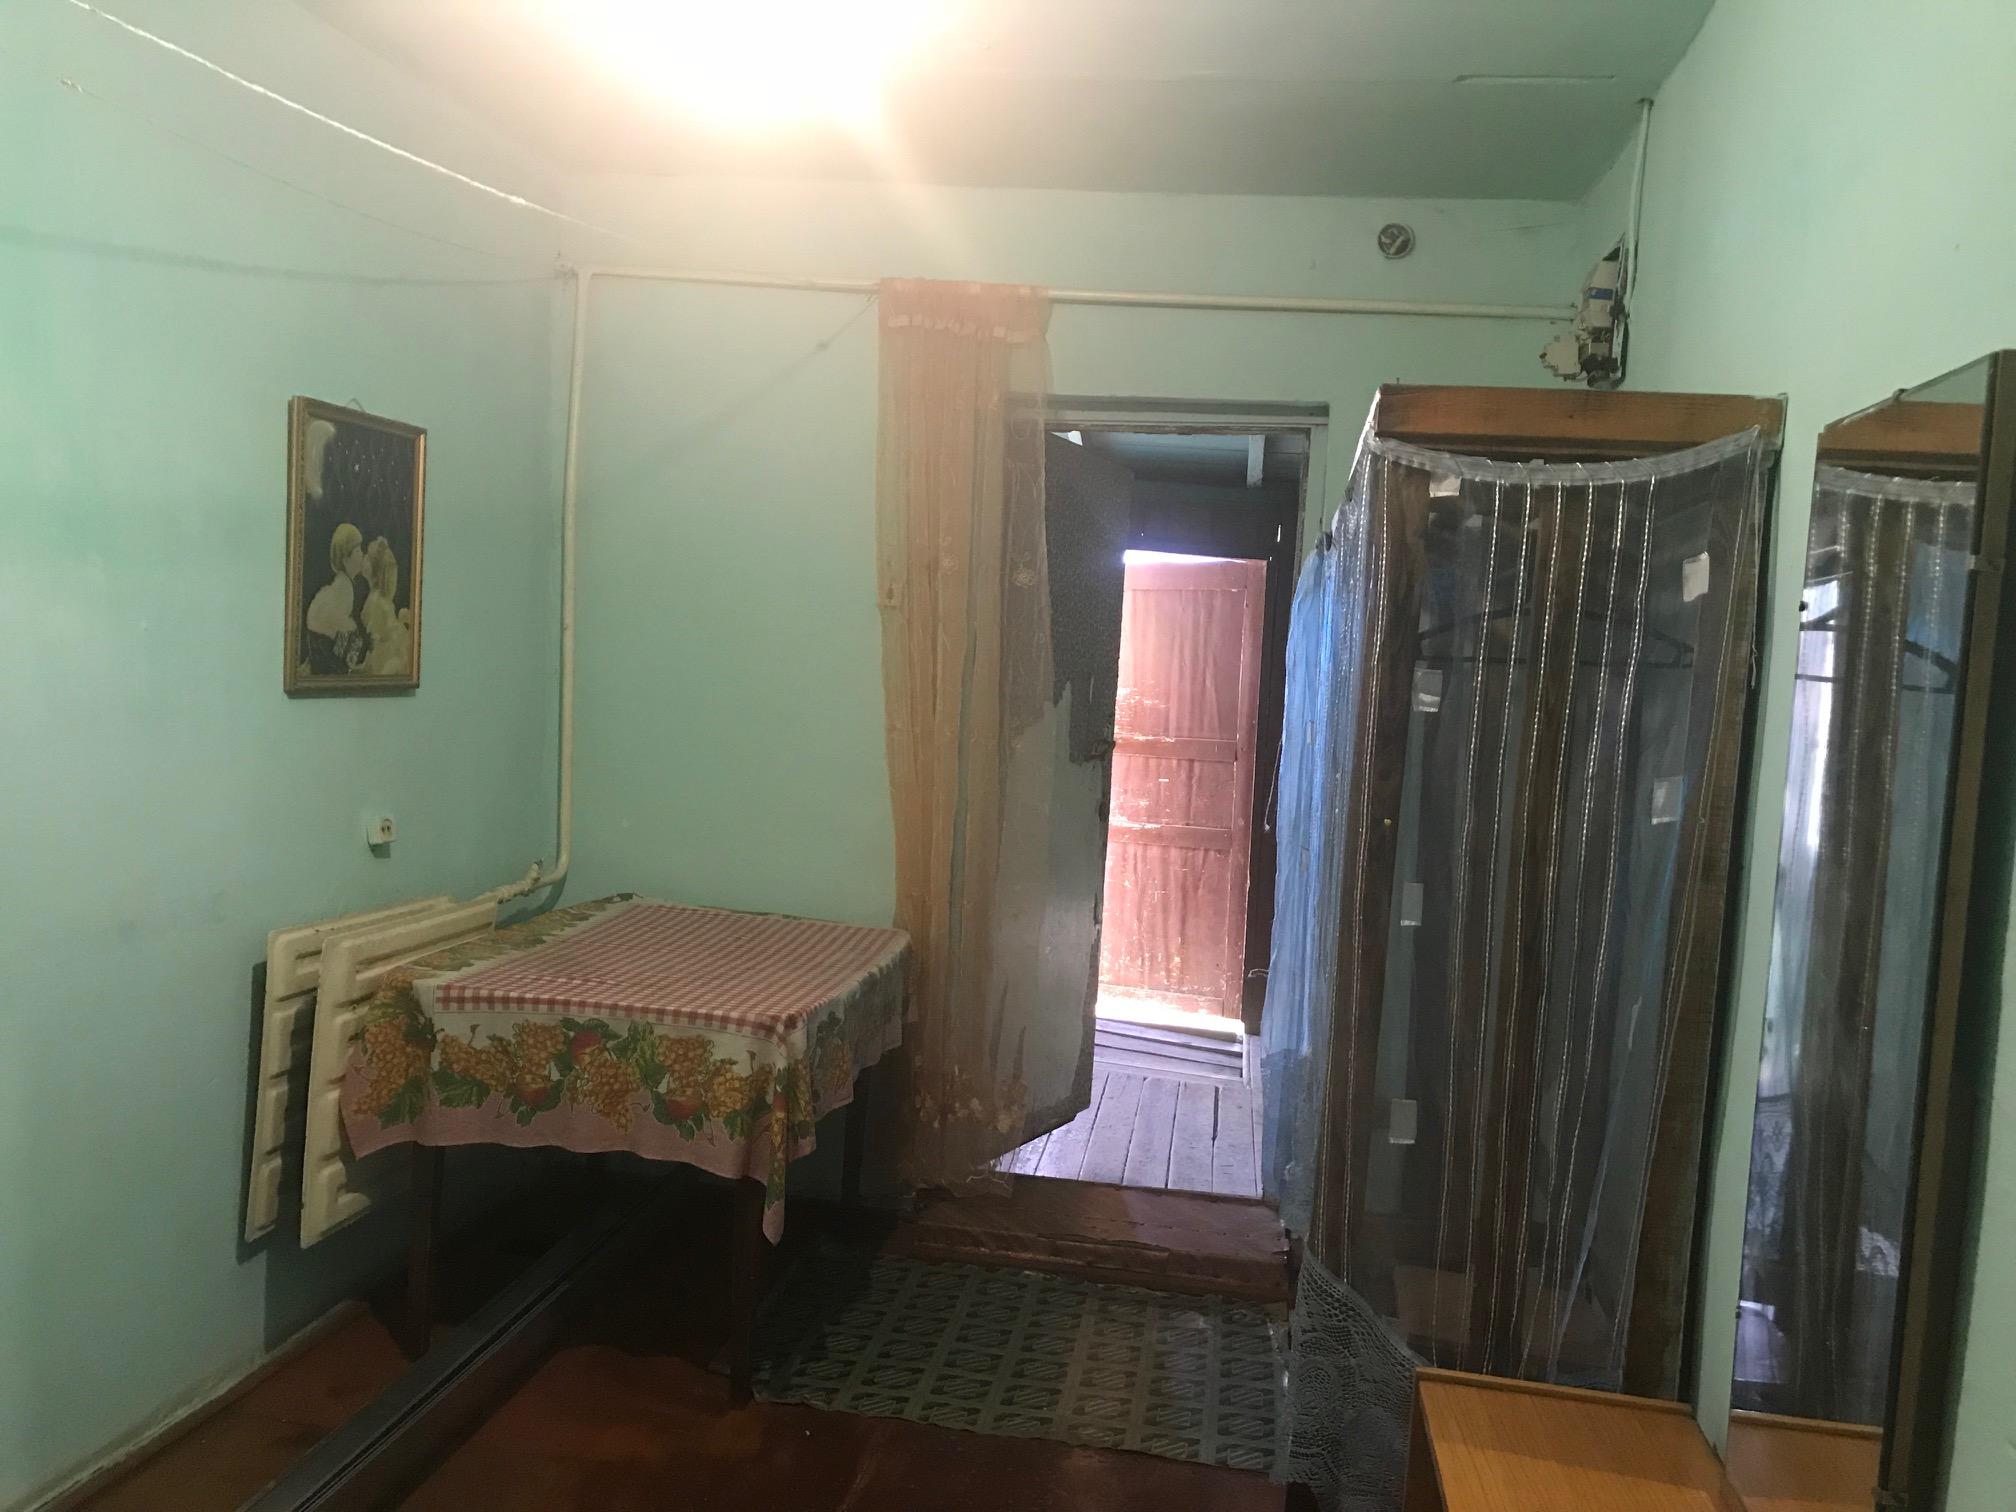 Квартира на продажу по адресу Россия, Алтайский край, р-н. Косихинский, с. Косиха, ул. Пионерская, 22